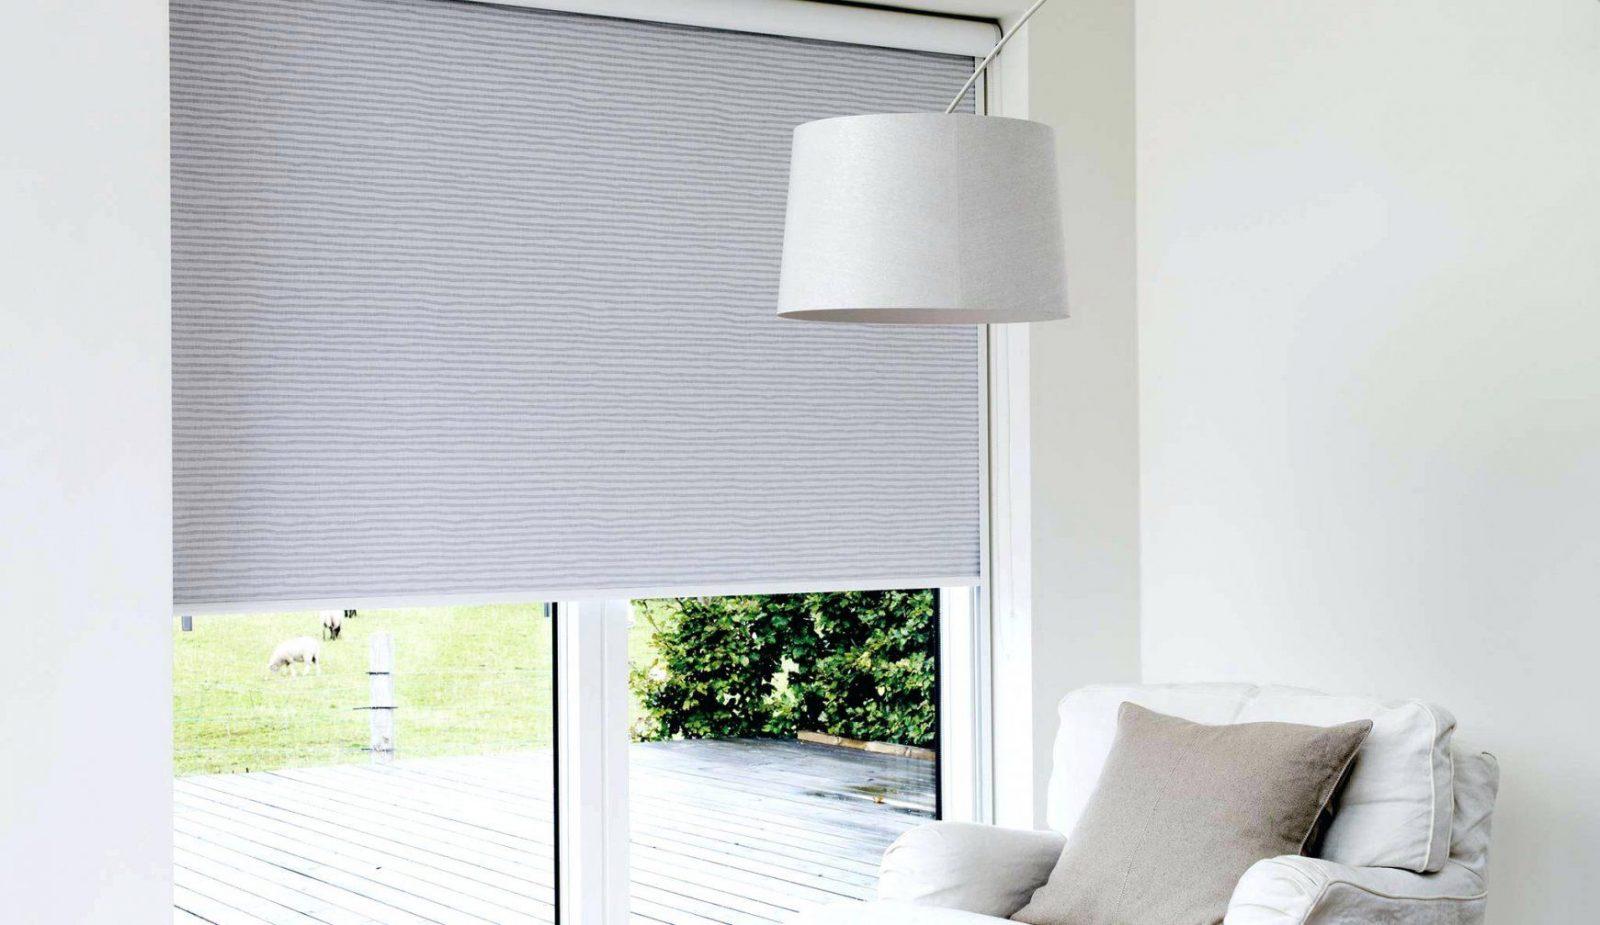 Neu Gardinen Ohne Bohren Ikea Ideen von Jalousien Ohne Bohren Ikea Bild